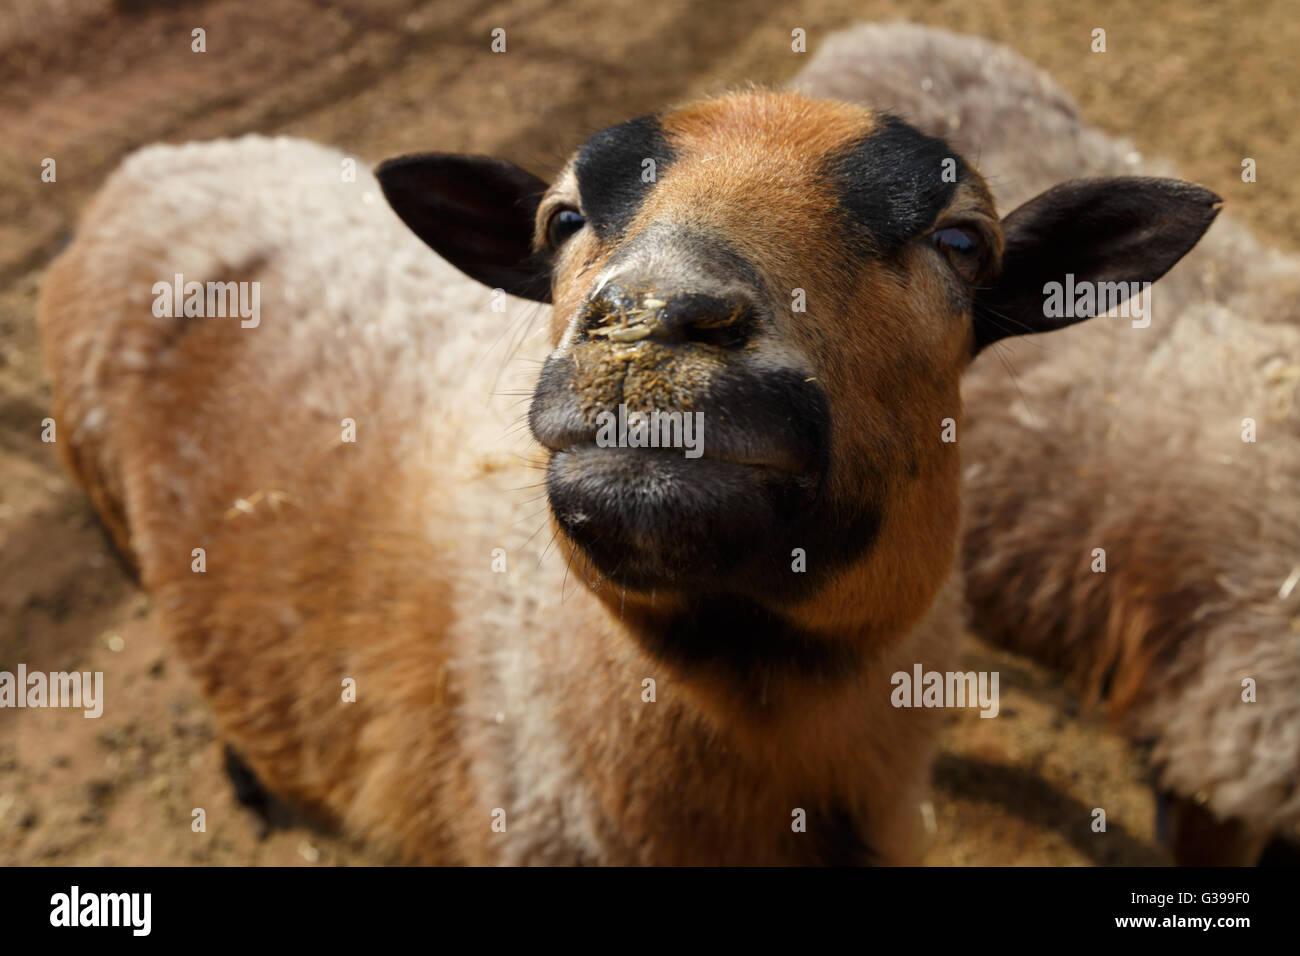 Cerrar vista detallada de ovejas que viven en un zoológico. Imagen De Stock